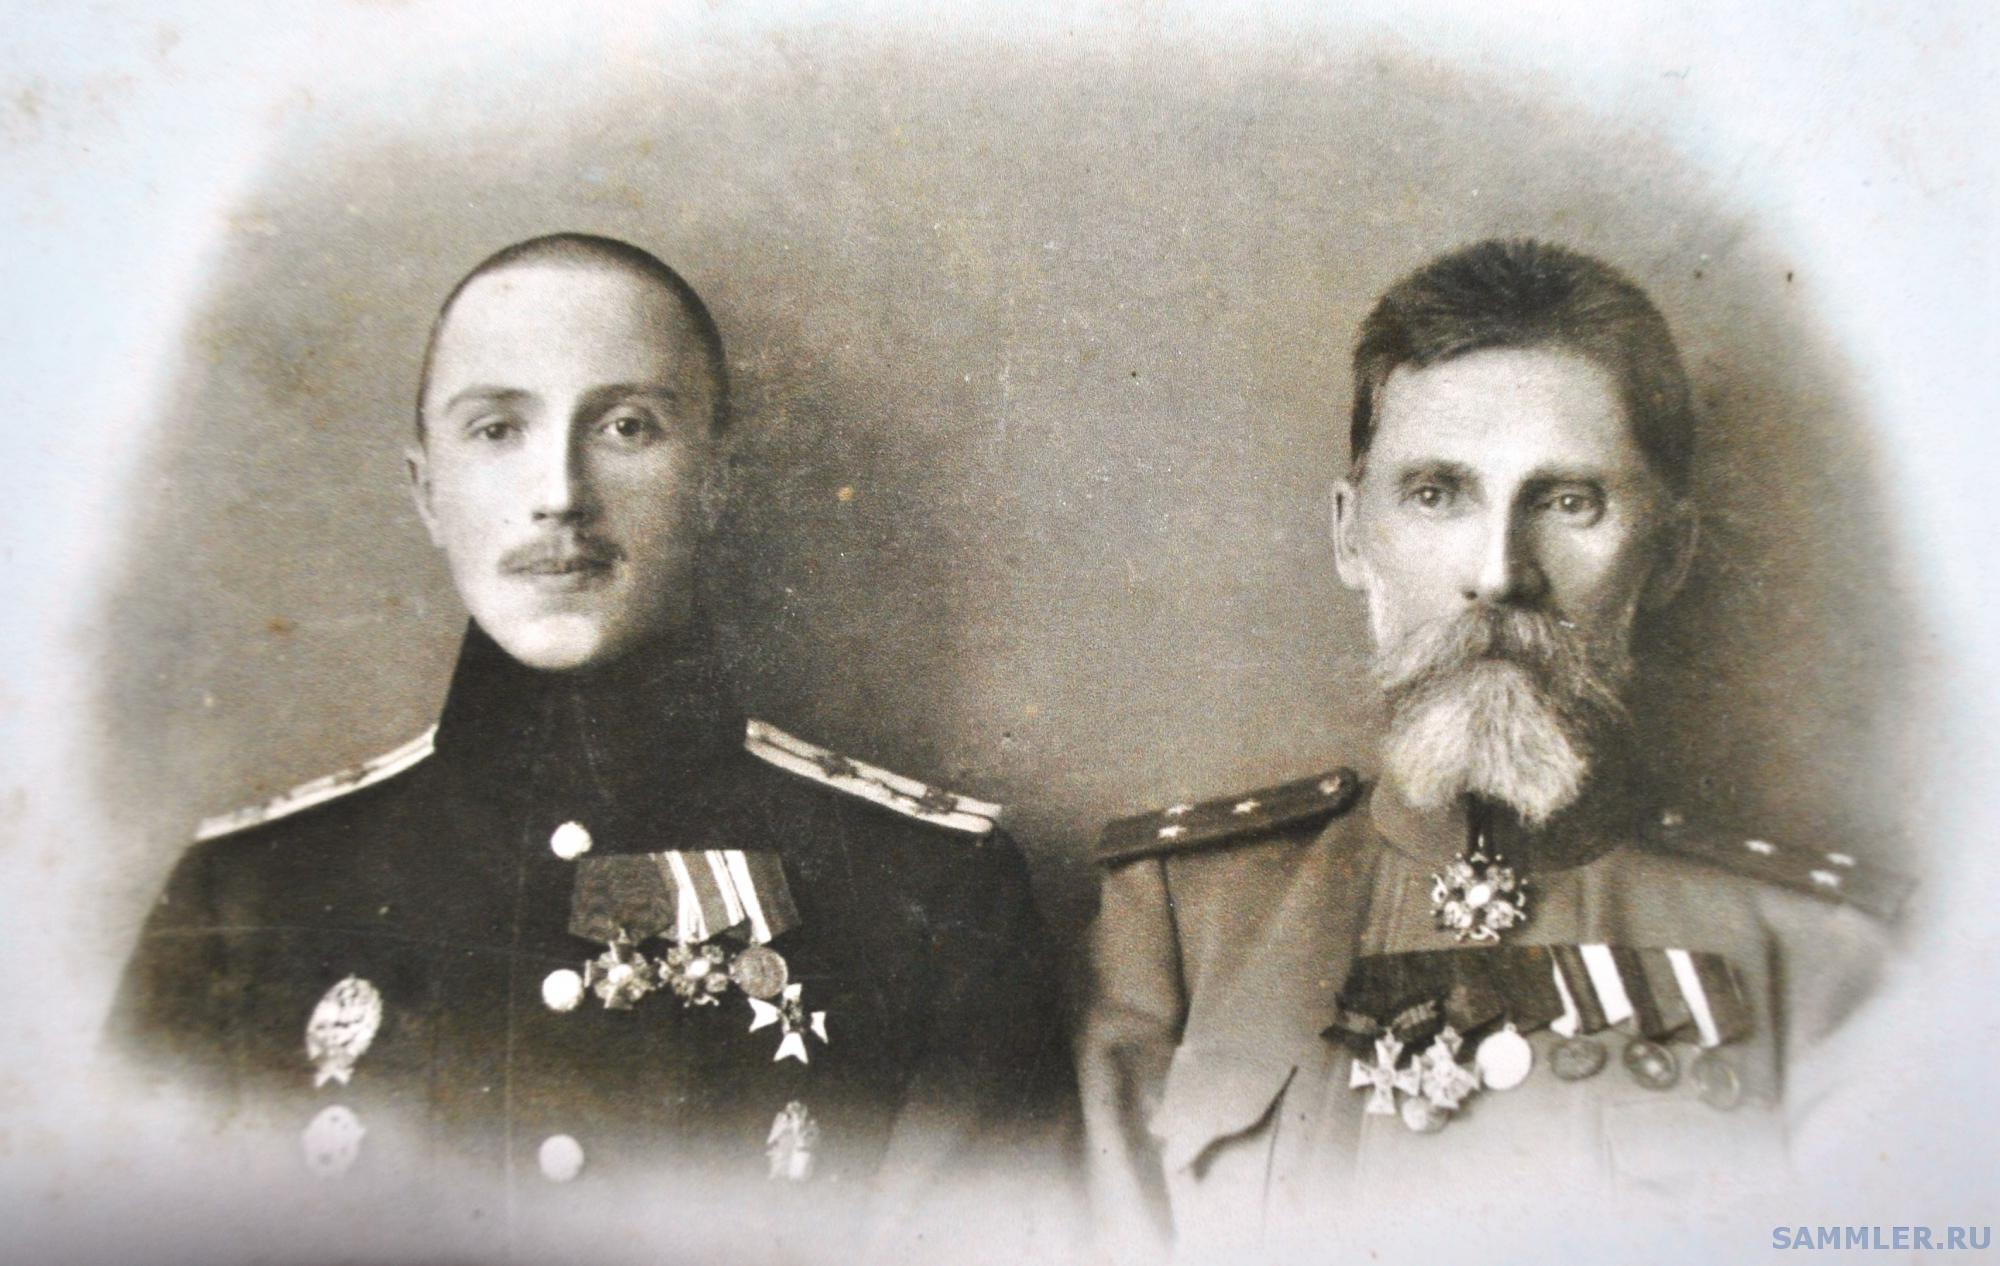 Марков Сергей Иннокентьевич с отцом Марковым Иннокентием Степановичем.jpg